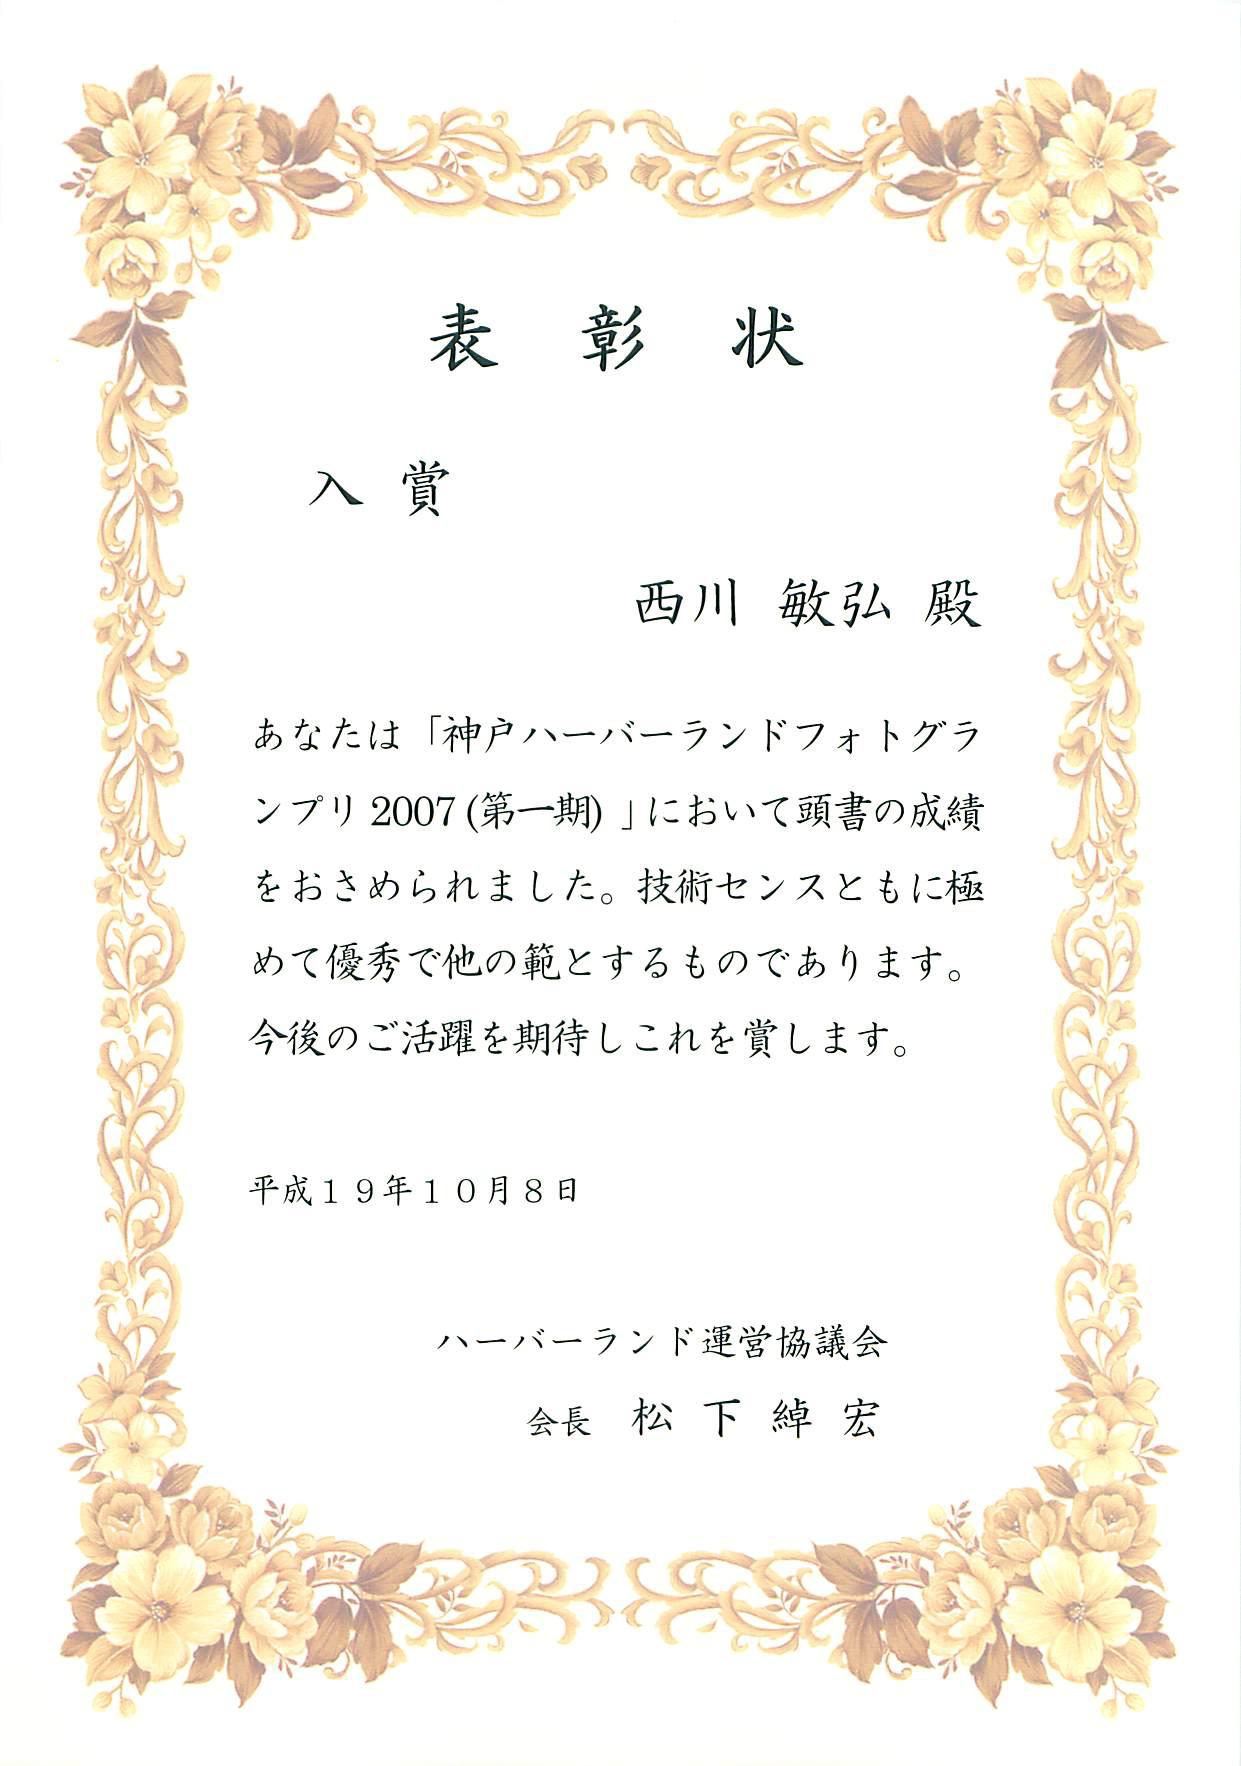 神戸ハーバーランドフォトグランプリ2007(第1期)_a0288226_21252843.jpg